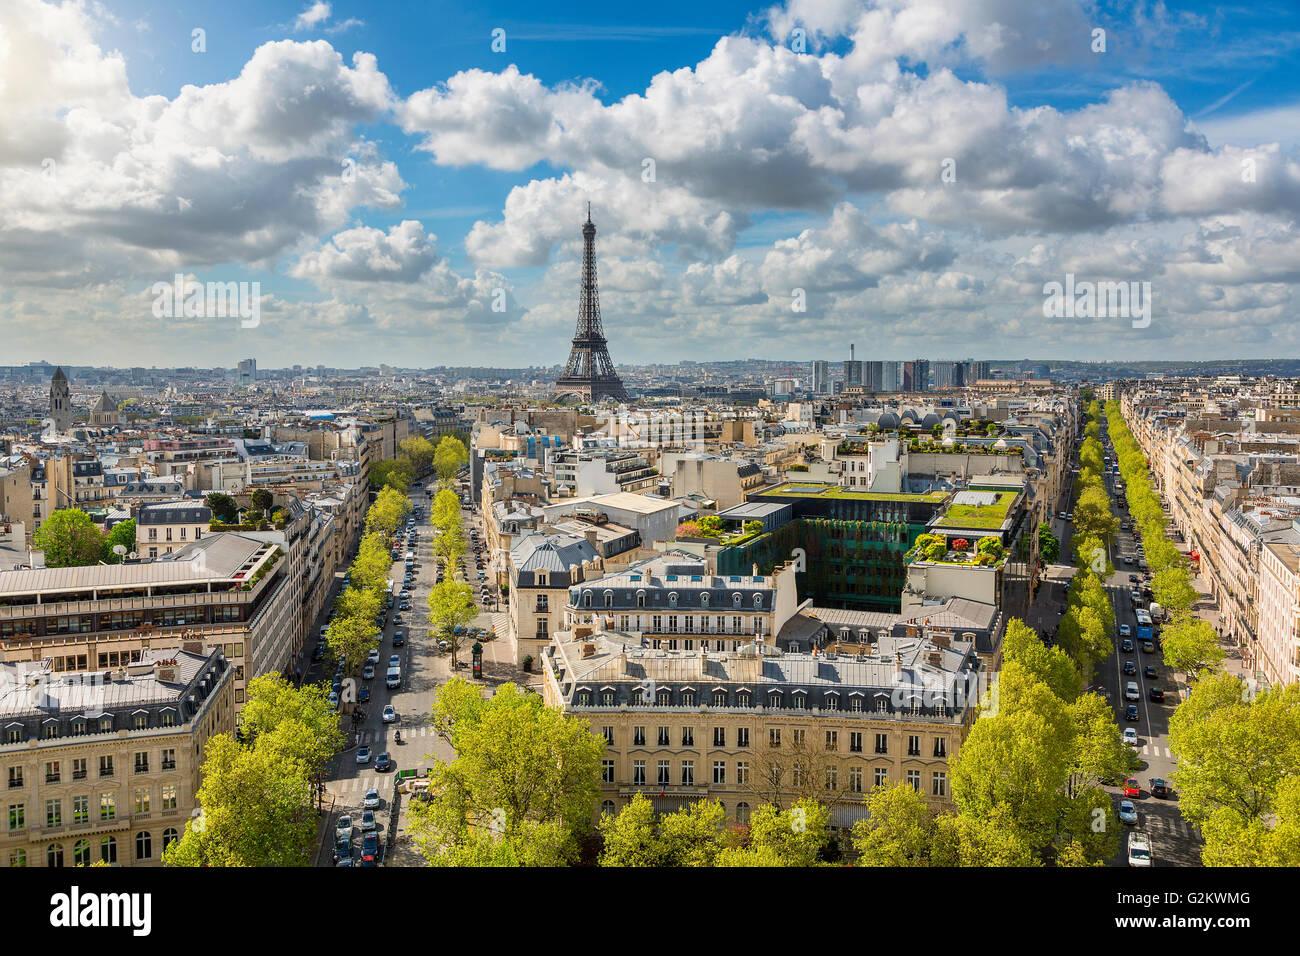 Skyline di Parigi con la Torre Eiffel Immagini Stock